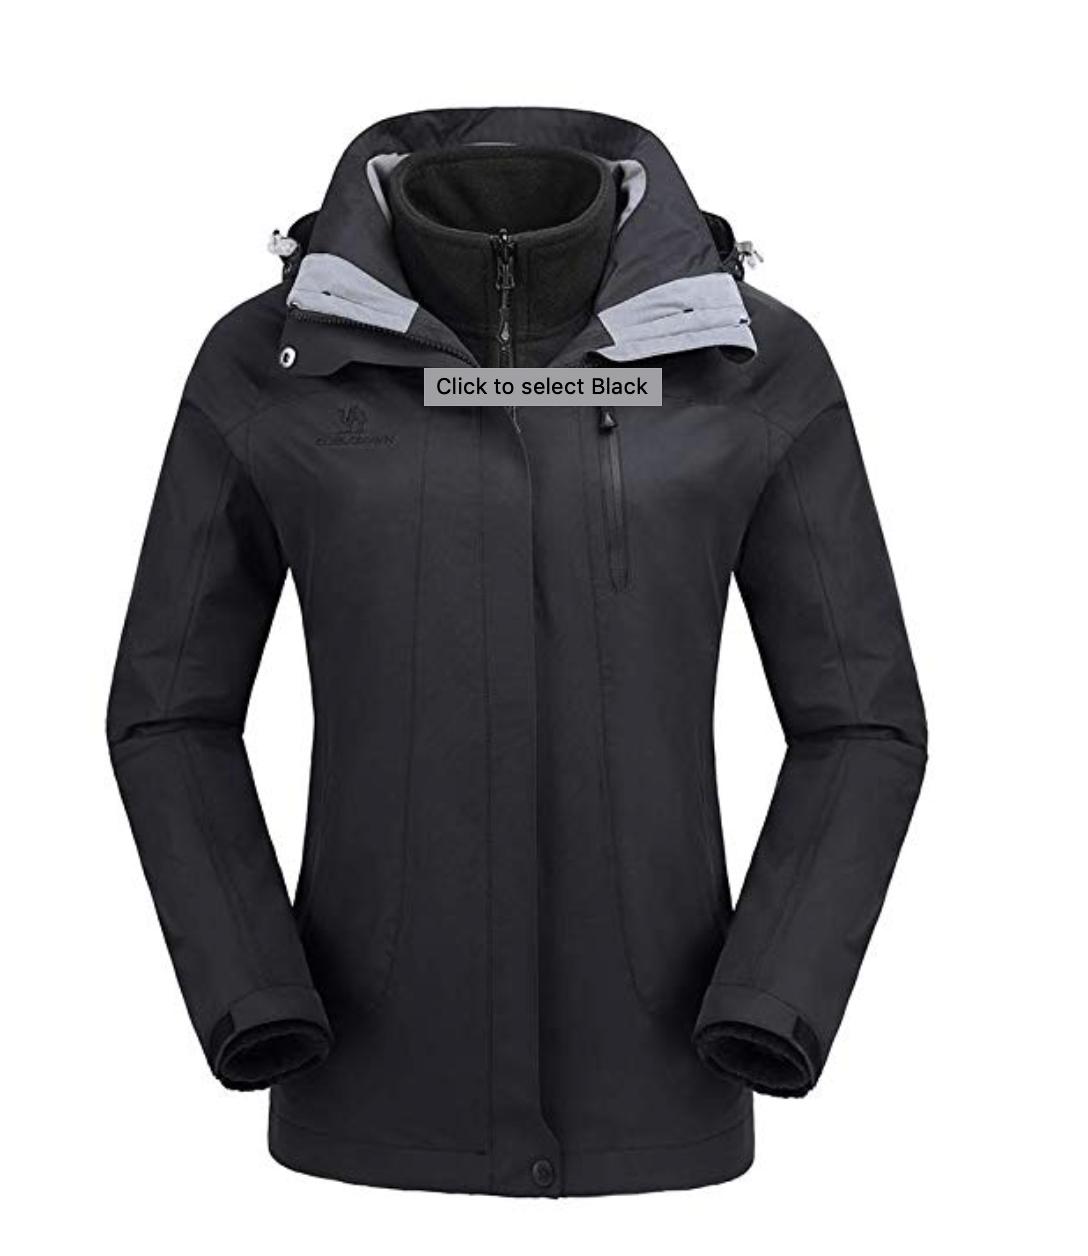 Camel Crown Women's Snowboard Jacket Under $150